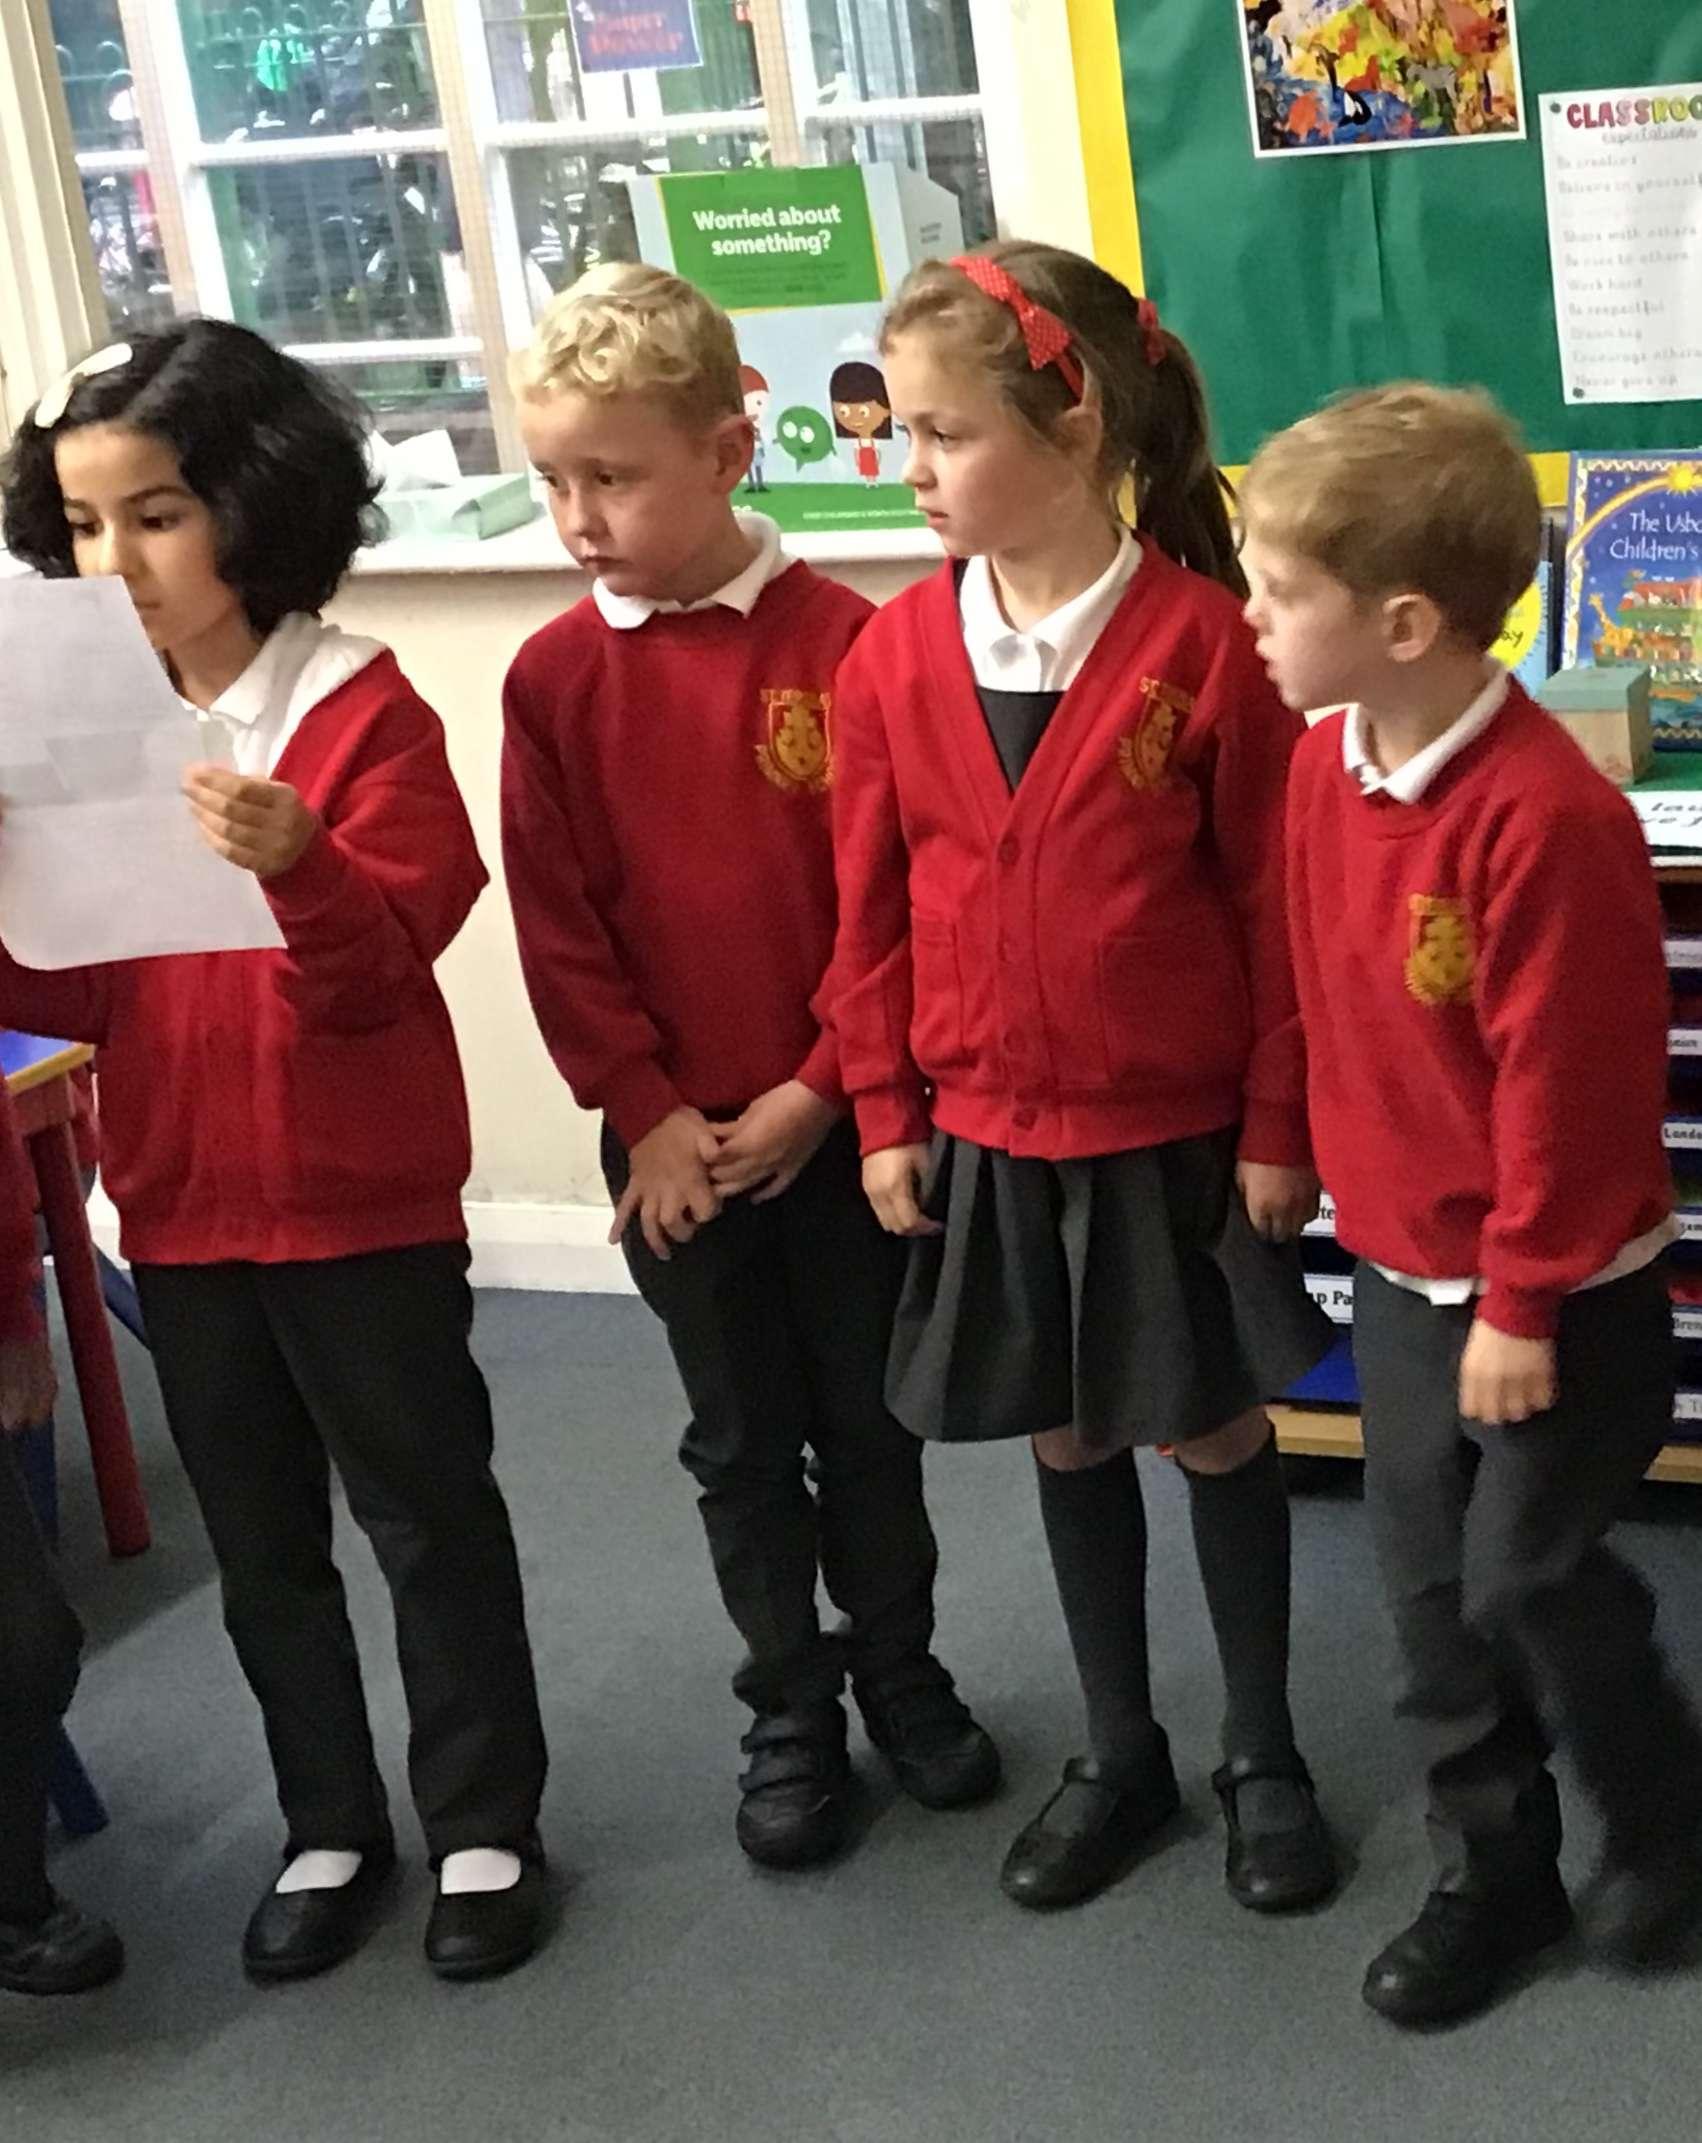 Year 2: Children's Liturgy